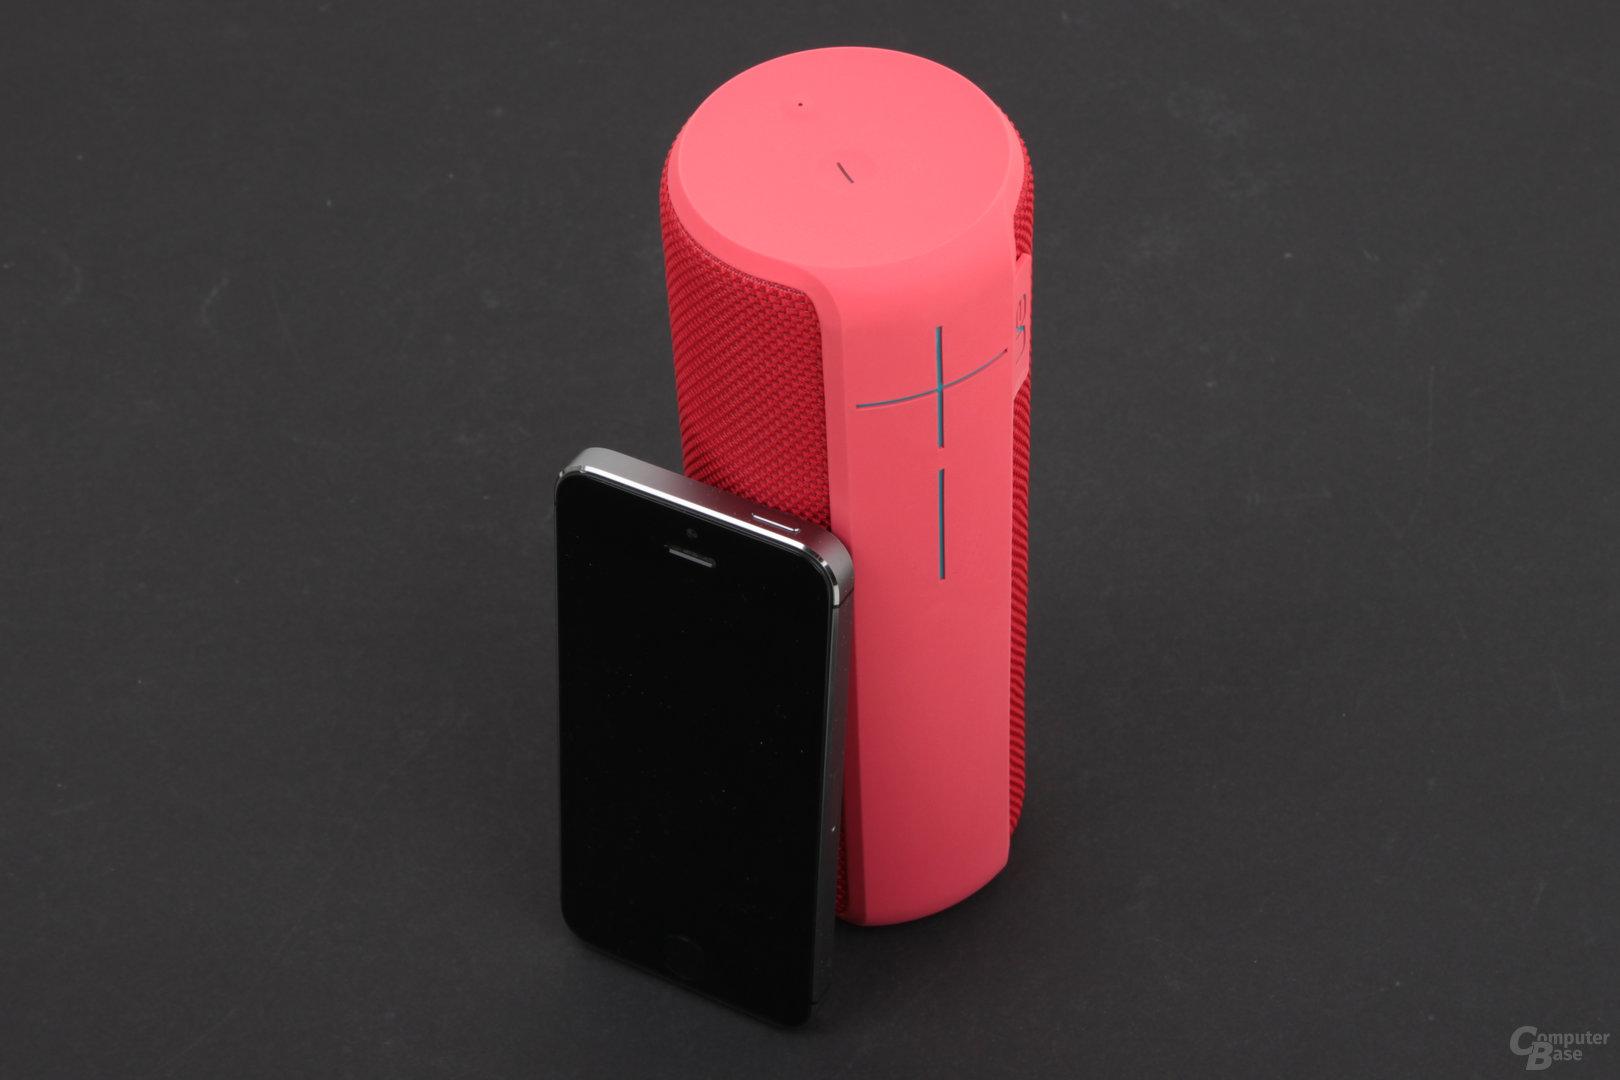 UE Boom 2 – Größenvergleich zum iPhone 5s